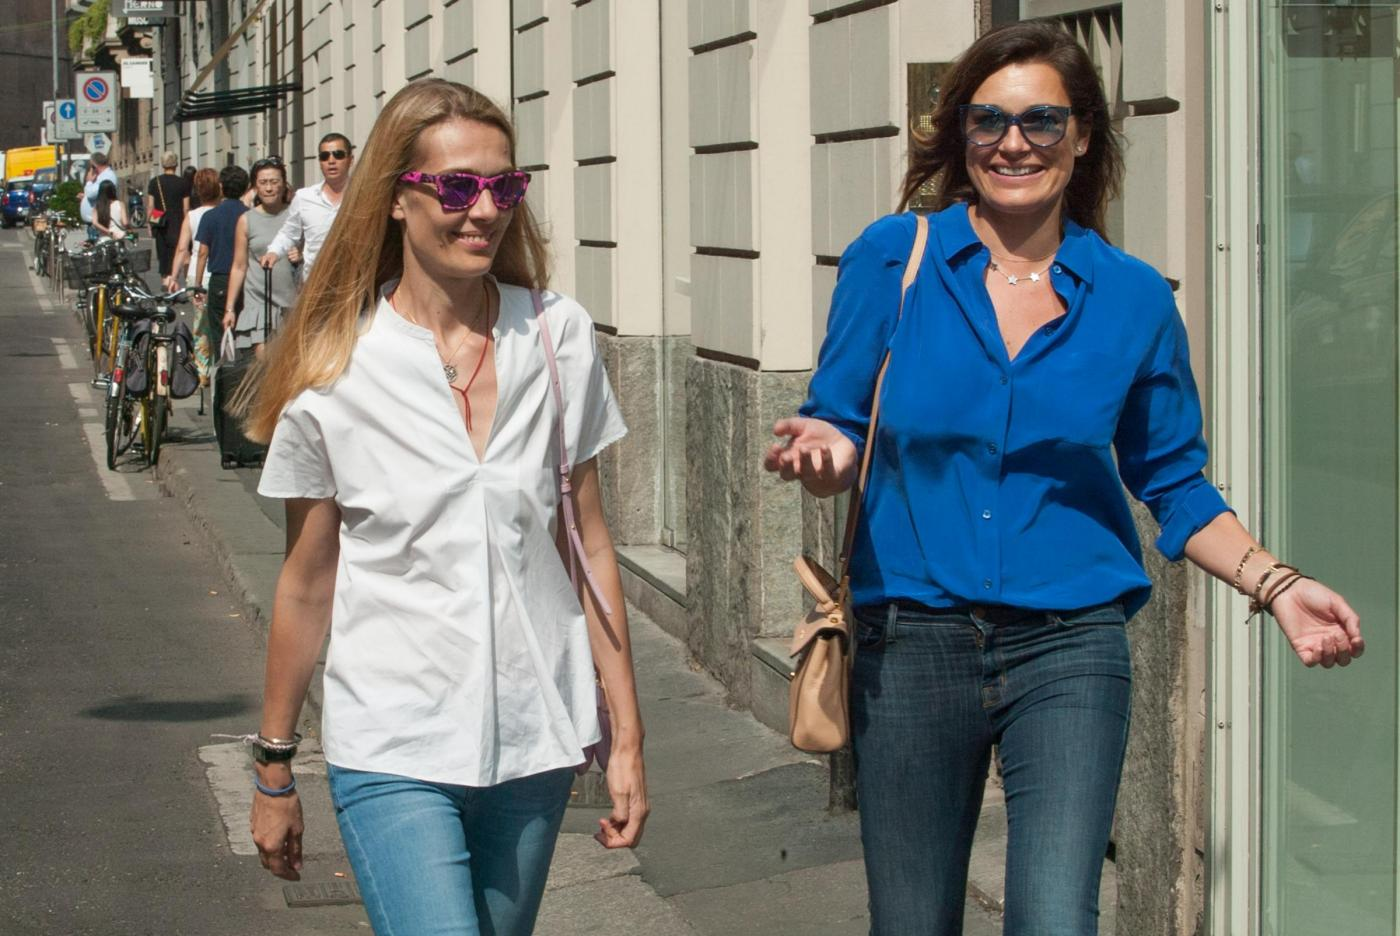 Alena Seredova e Lavinia Borromeo fanno shopping a Milano FOTO 1